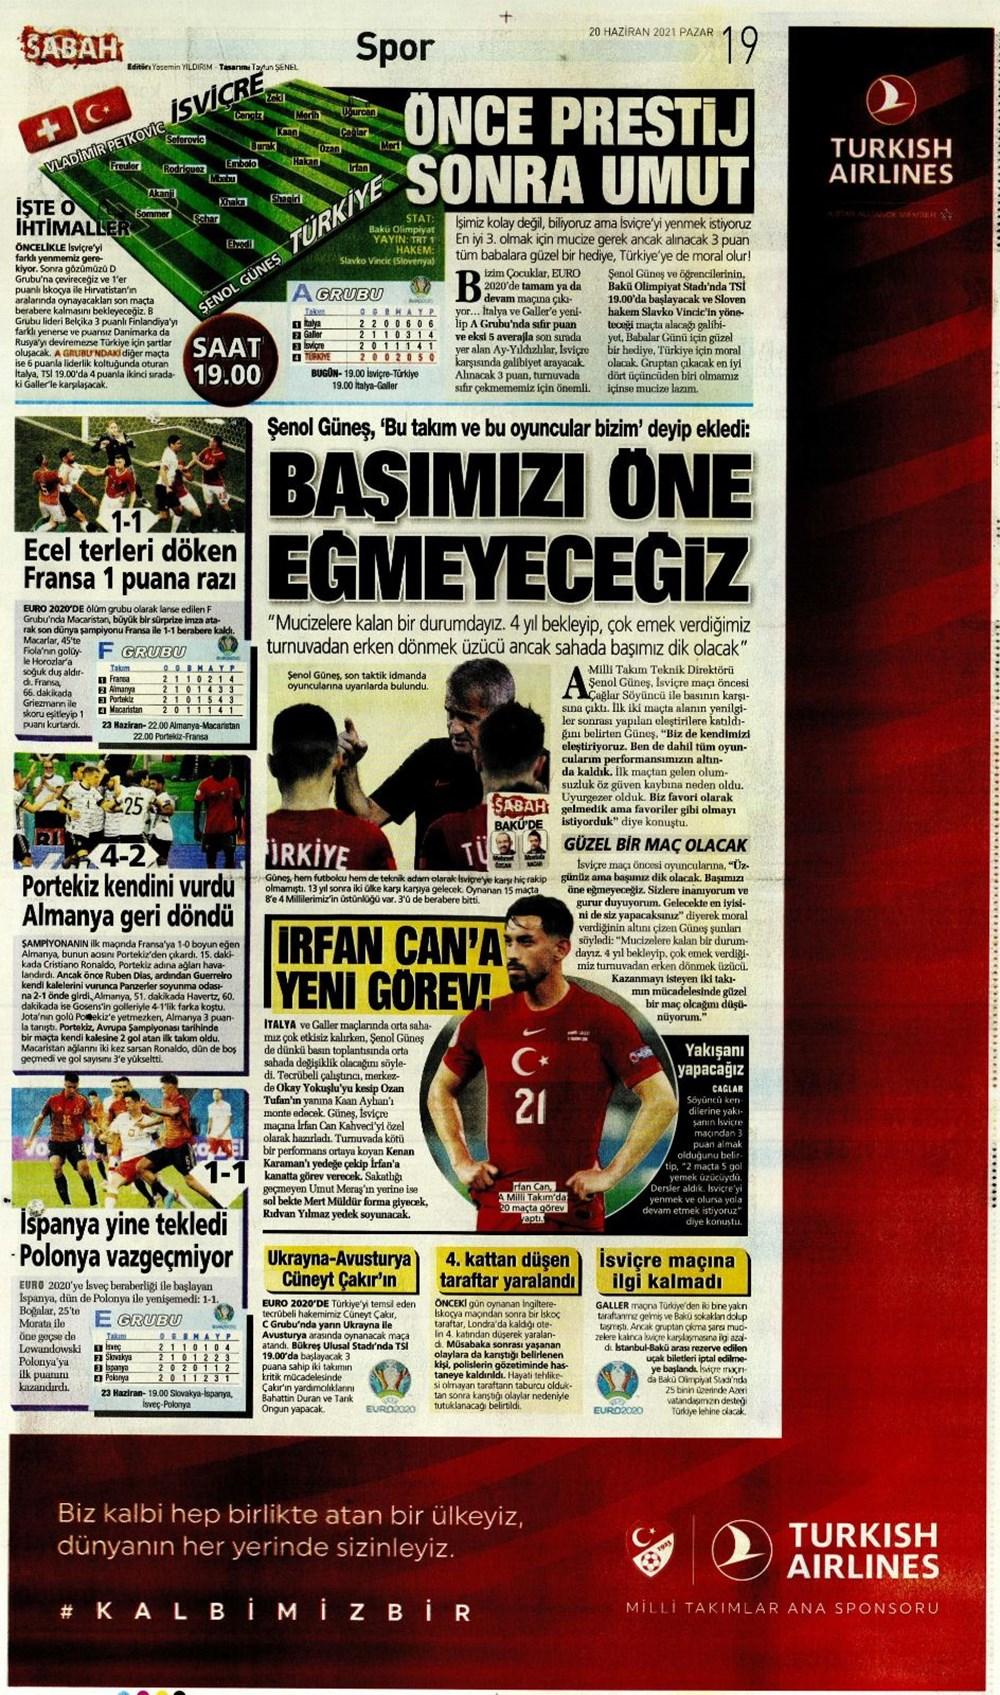 Günün spor manşetleri (20 Haziran 2021) - 17